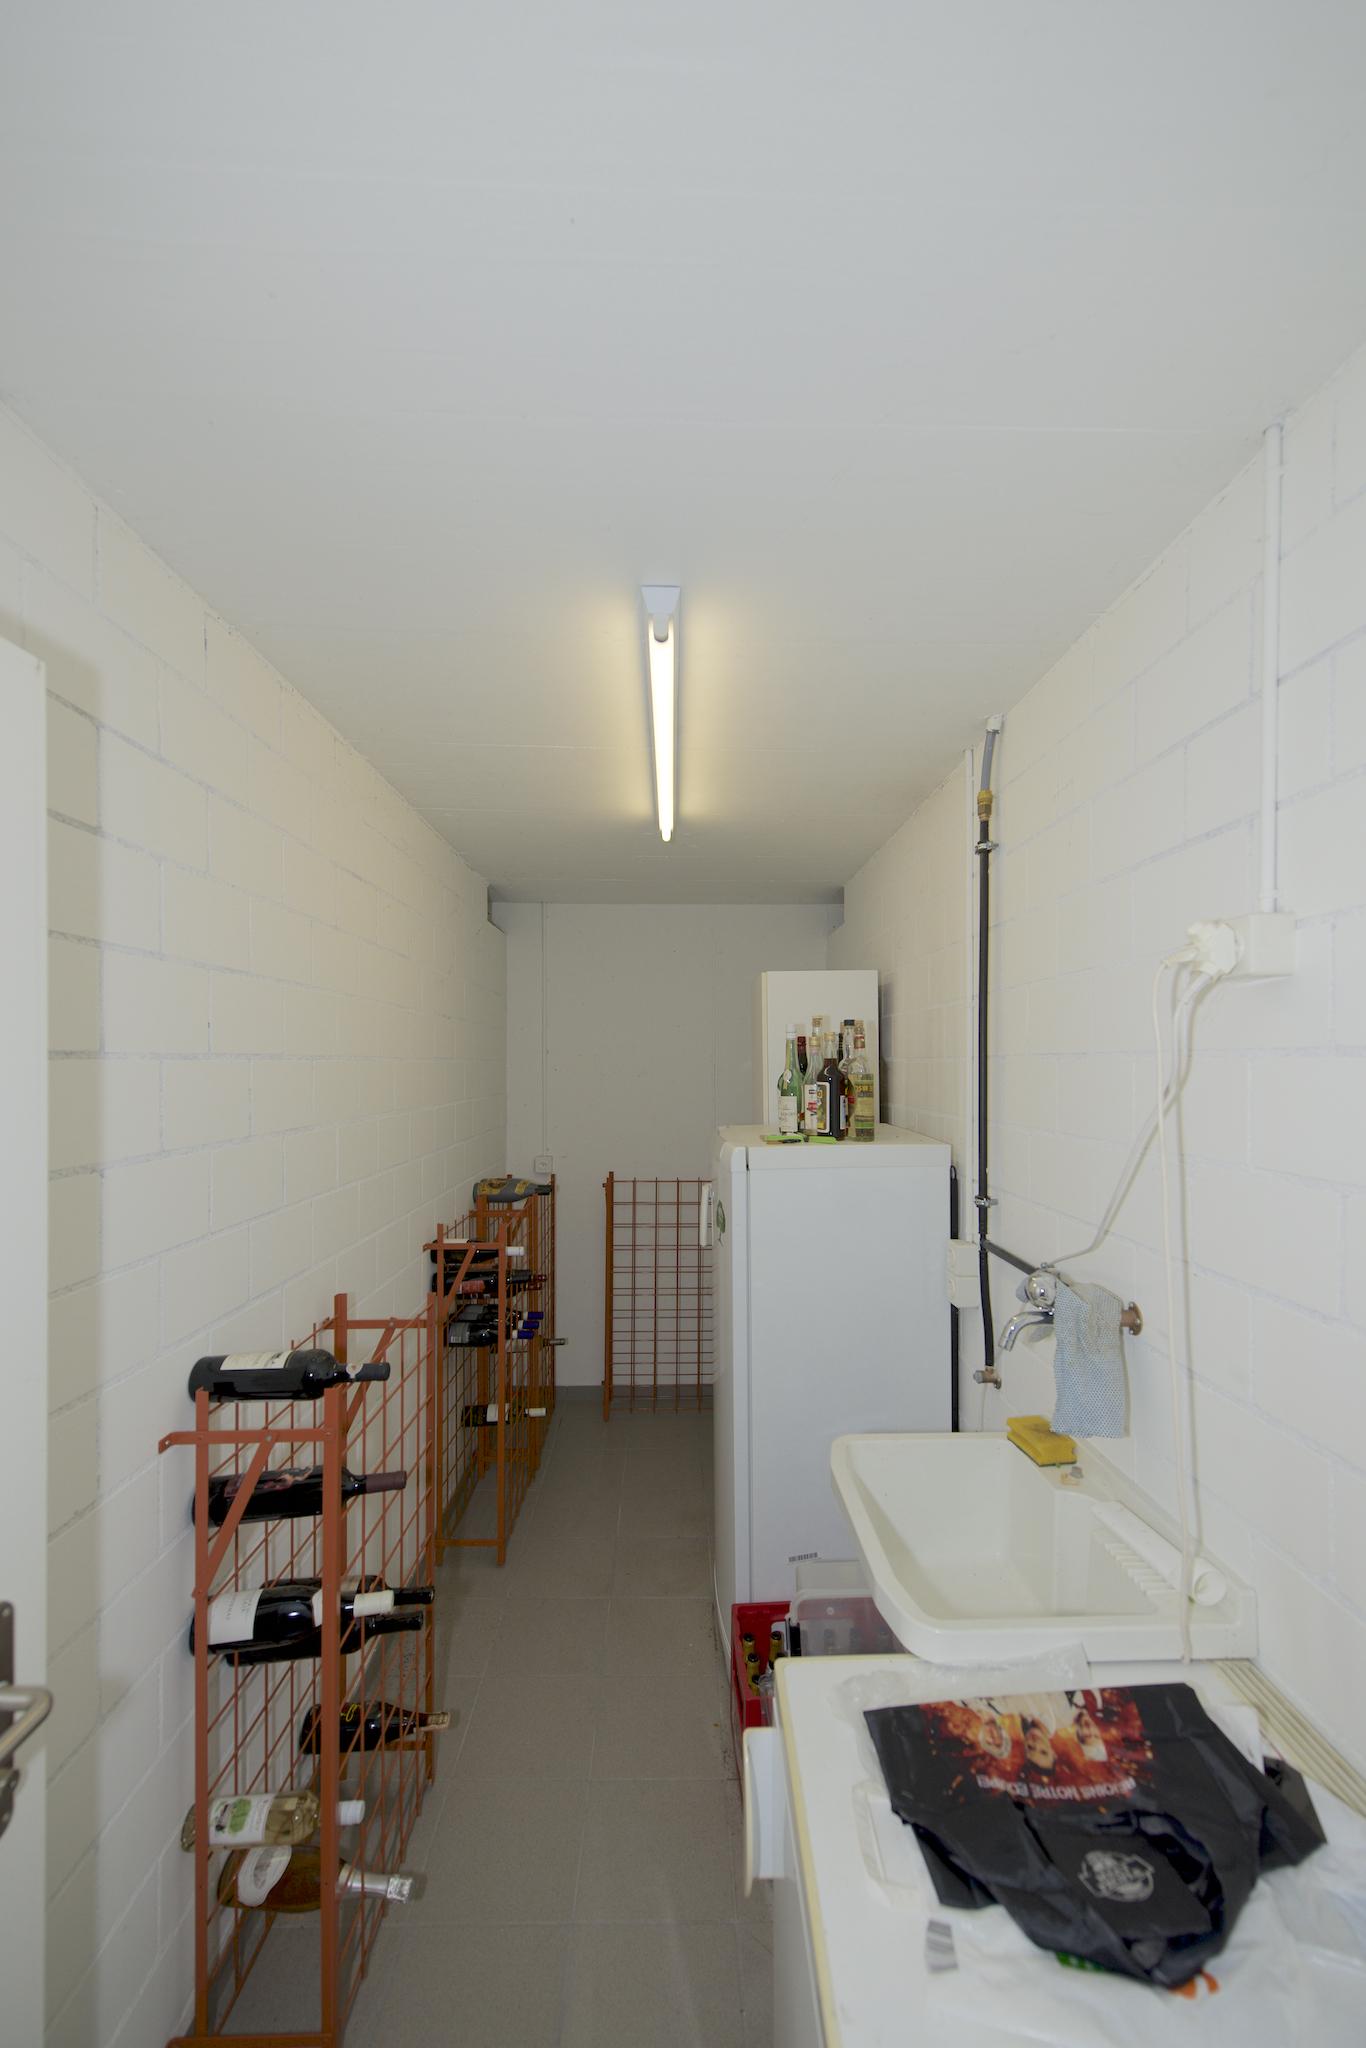 Waschküche (der Waschturm ist im Bad in der Wohnung)